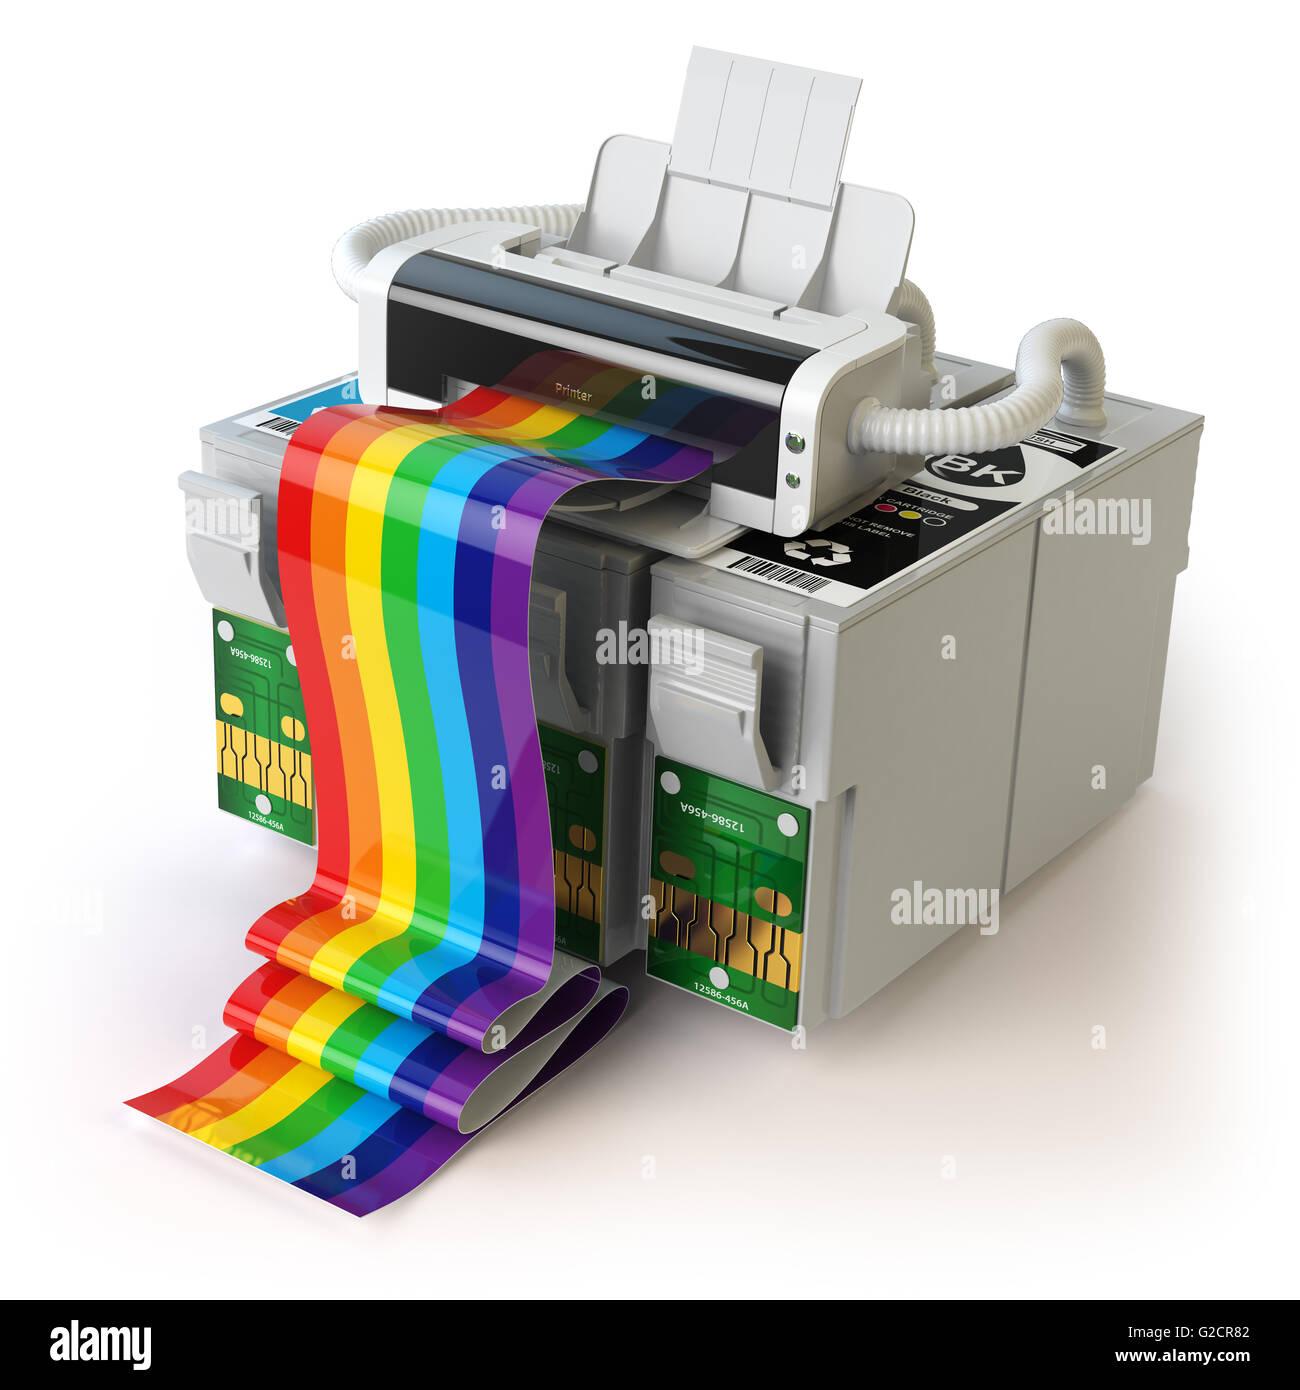 Printer and CMYK cartridges for colour inkjet printer isolated on white. 3d  illustration - Stock Image